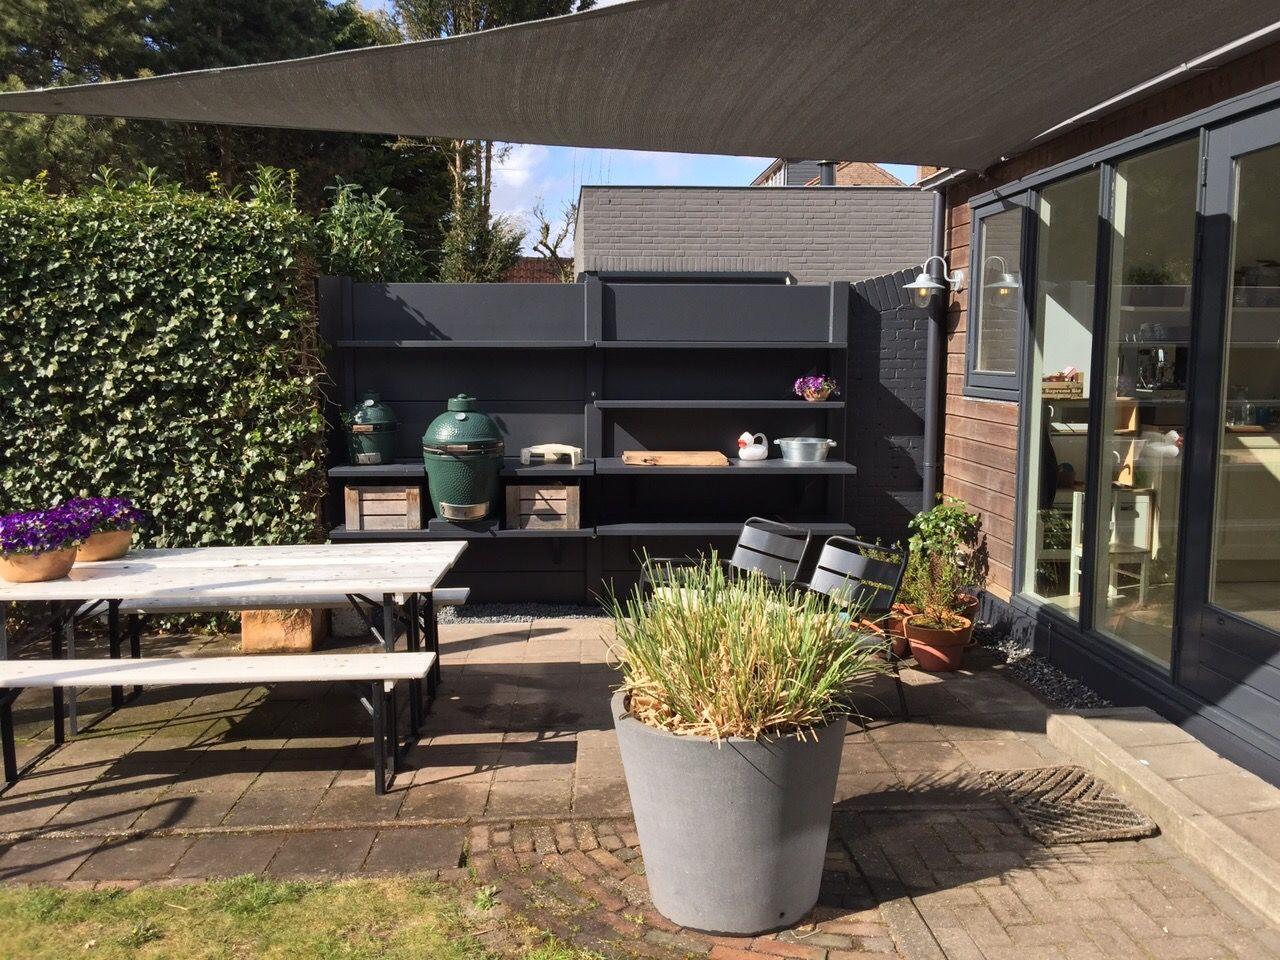 Wwoo outdoor kitchen wwoo feel wwoo